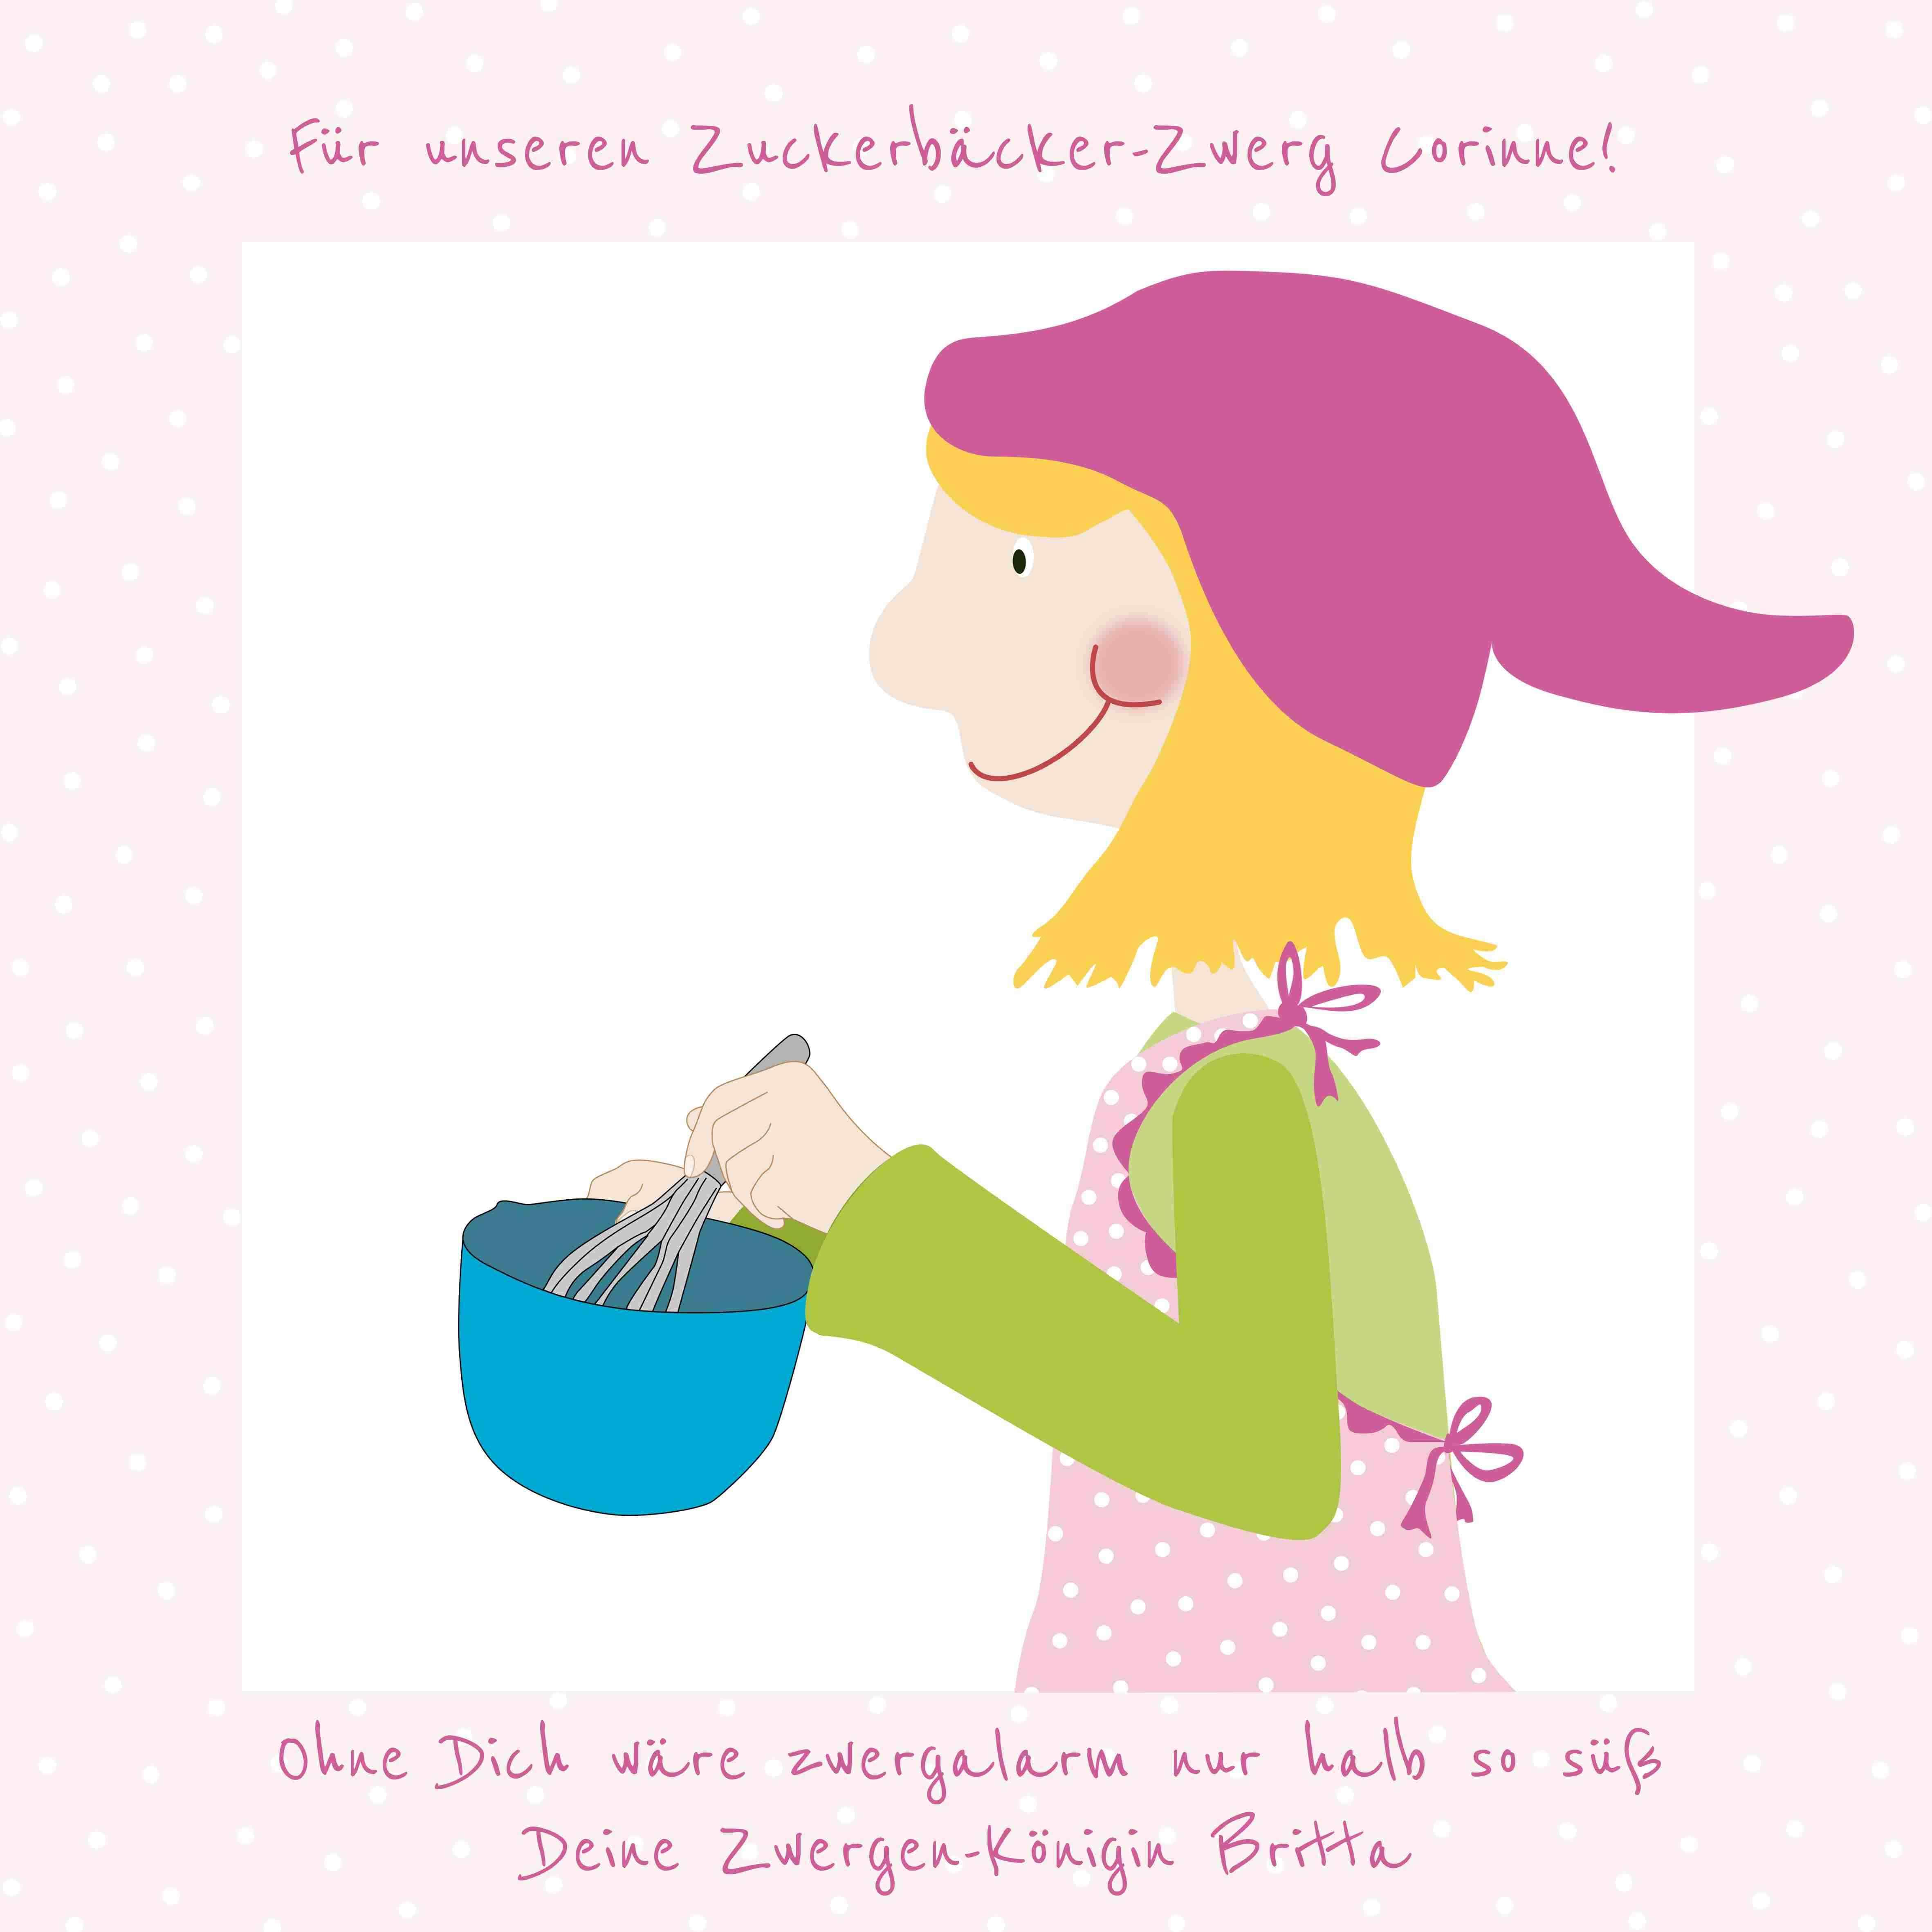 zwergalarm-Zuckerbaecker-Zwerg-Corinne